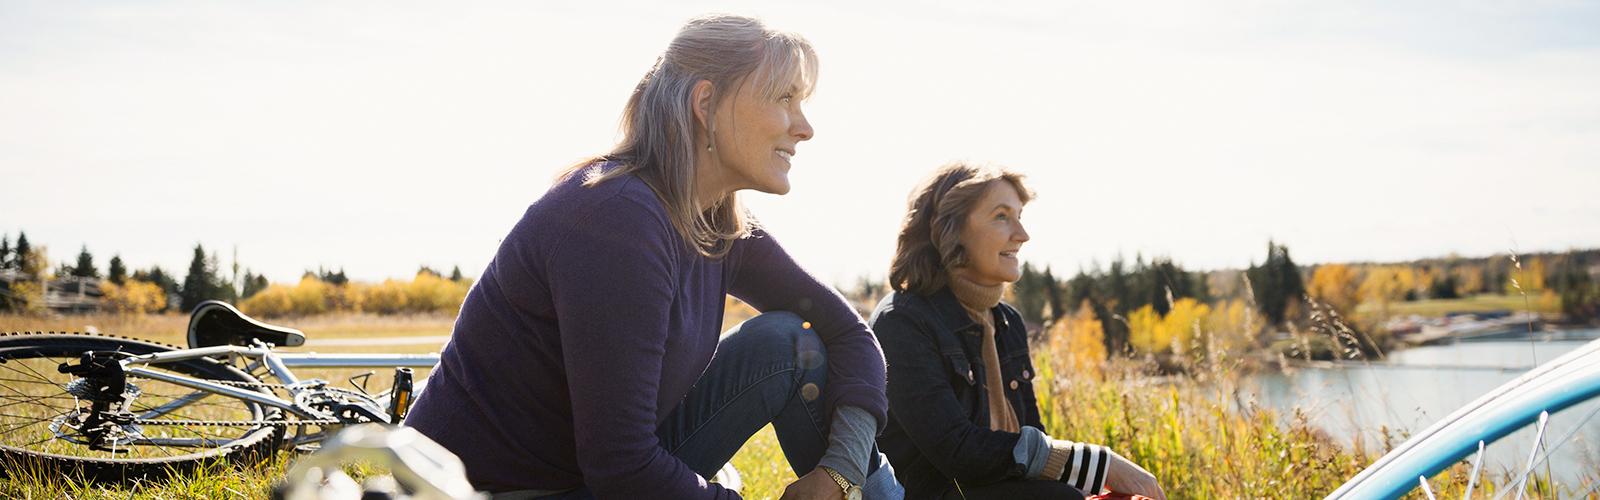 Twee vrouwelijke fietsers zitten in het gras en rusten lekker uit in de zon